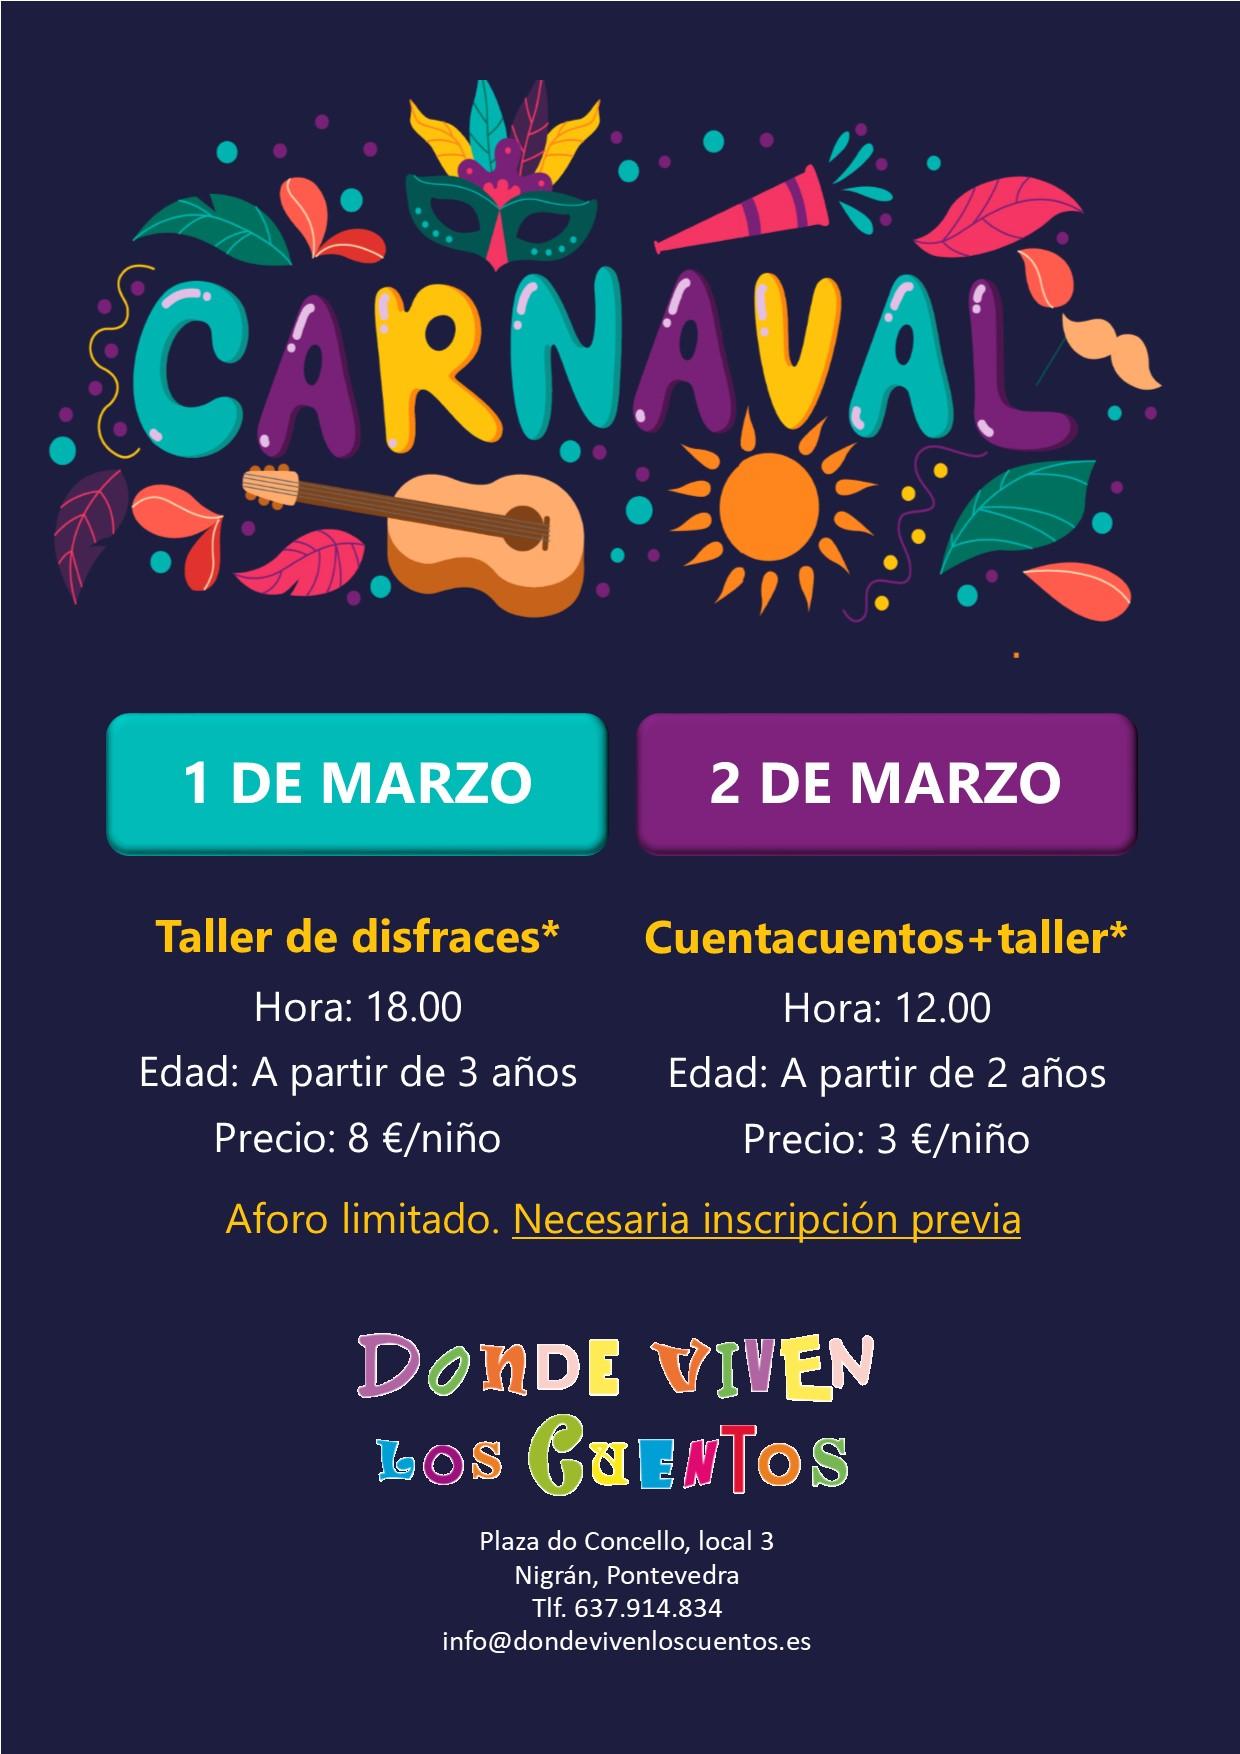 Carnaval entroido nigran niños talleres cuentacuentos